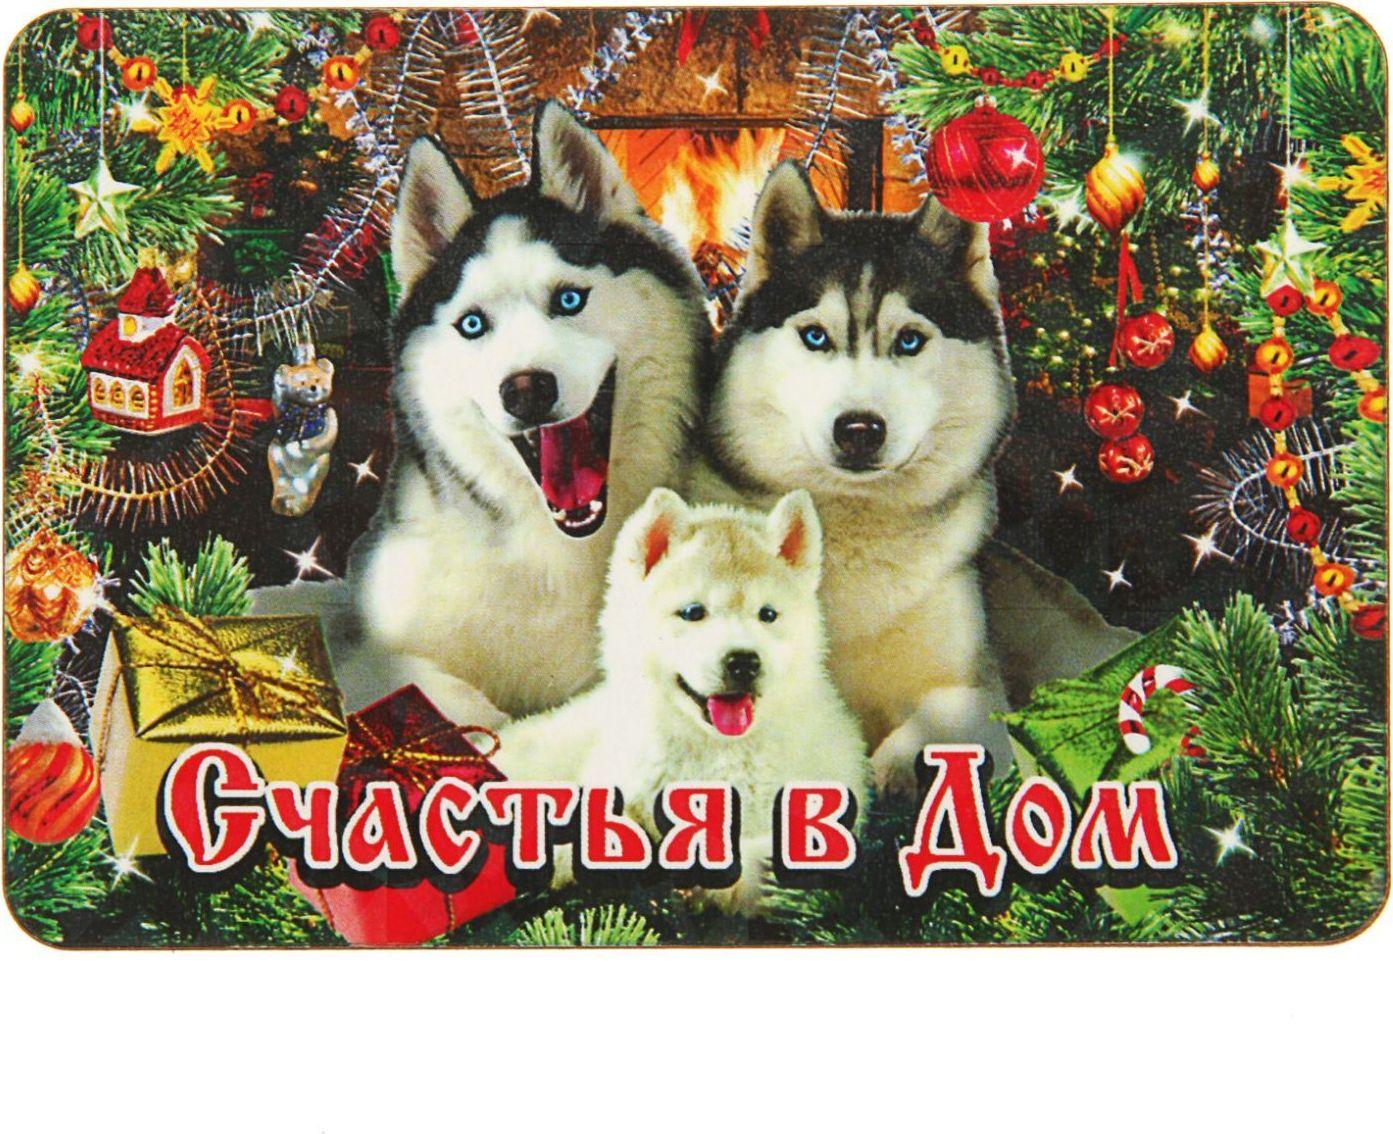 Магнит Sima-land Счастья в дом. Символ года, 9,6 х 6,5 см2448922Порадуйте родных и близких оригинальным сувениром: преподнесите в подарок магнит. С ним даже самый серьёзный человек почувствует себя ребёнком, ожидающим чудо! Создайте праздничное настроение, и оно останется с вами на весь год.